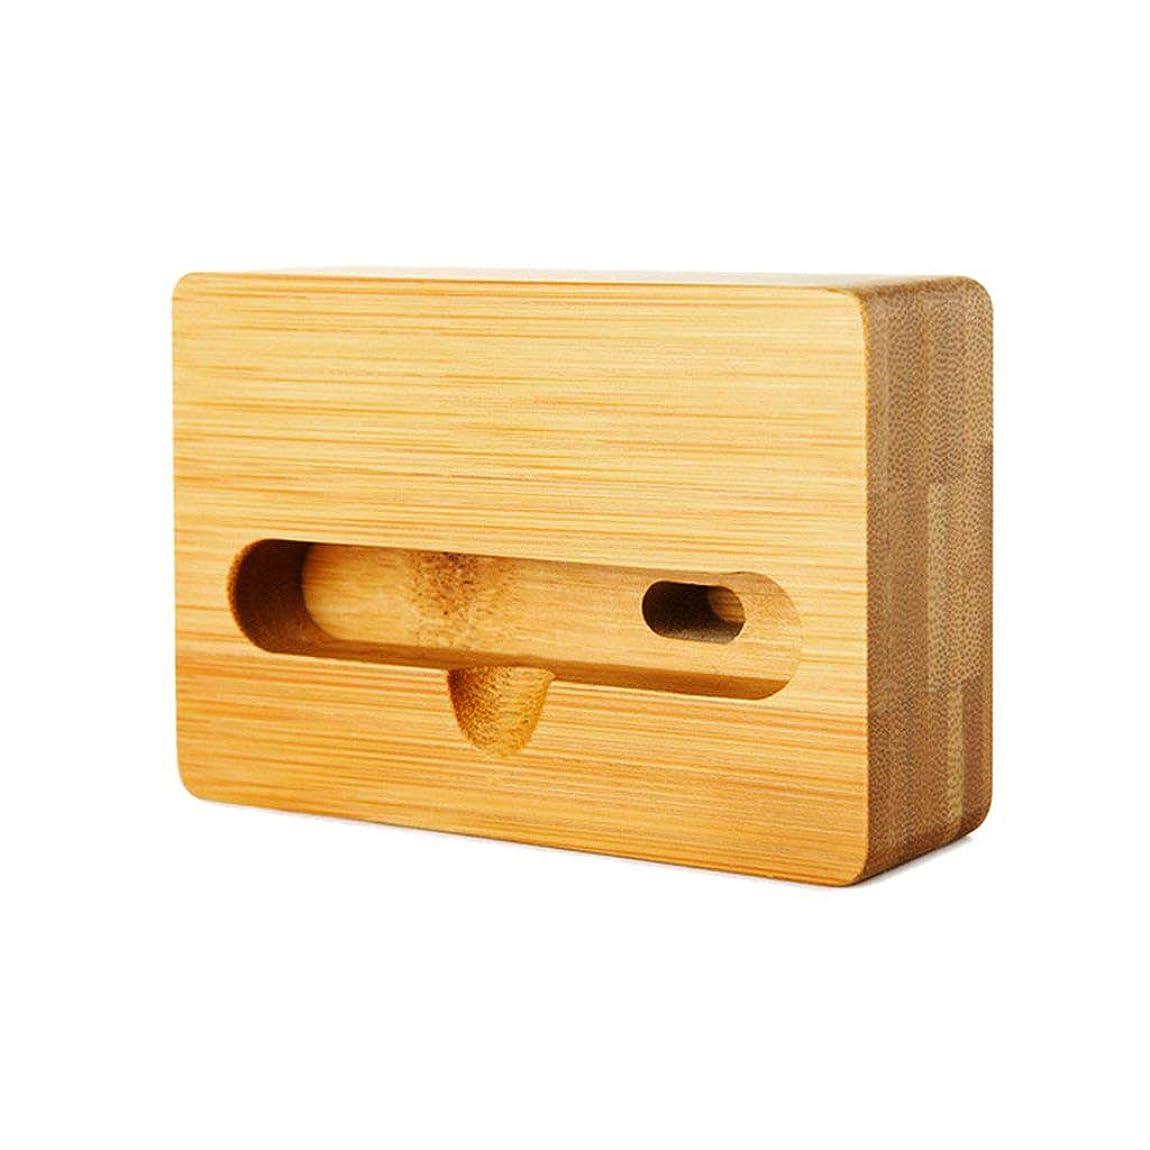 レンジ学期手足木製スピーカー 電源不要4.7-5.5インチスマホを対応